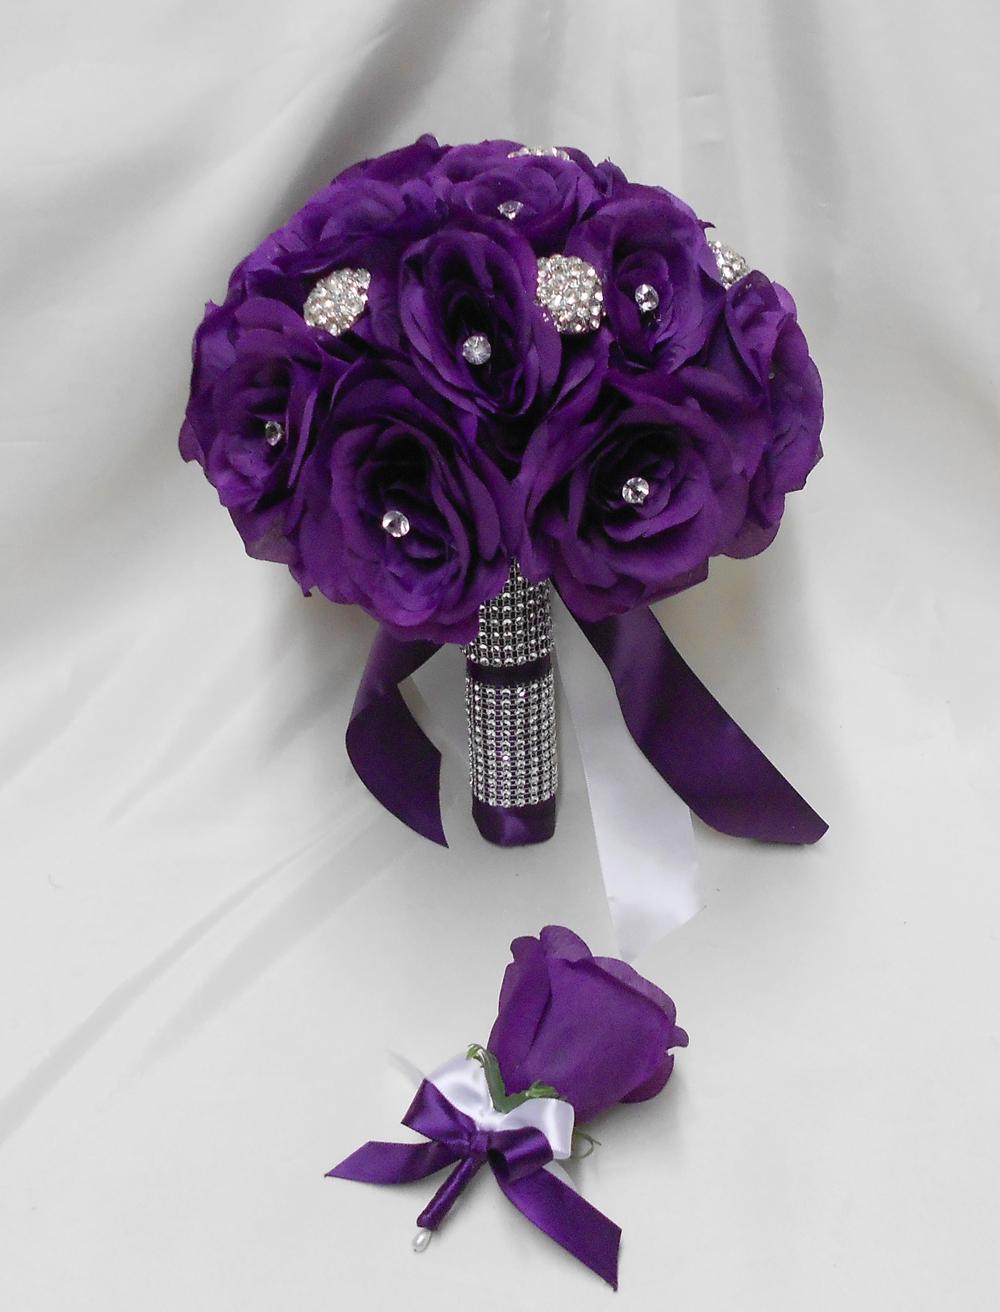 Mariage Soie Fleur Mariage Bouquet 2 Pièces Mariée Marié violet aubergine Broche